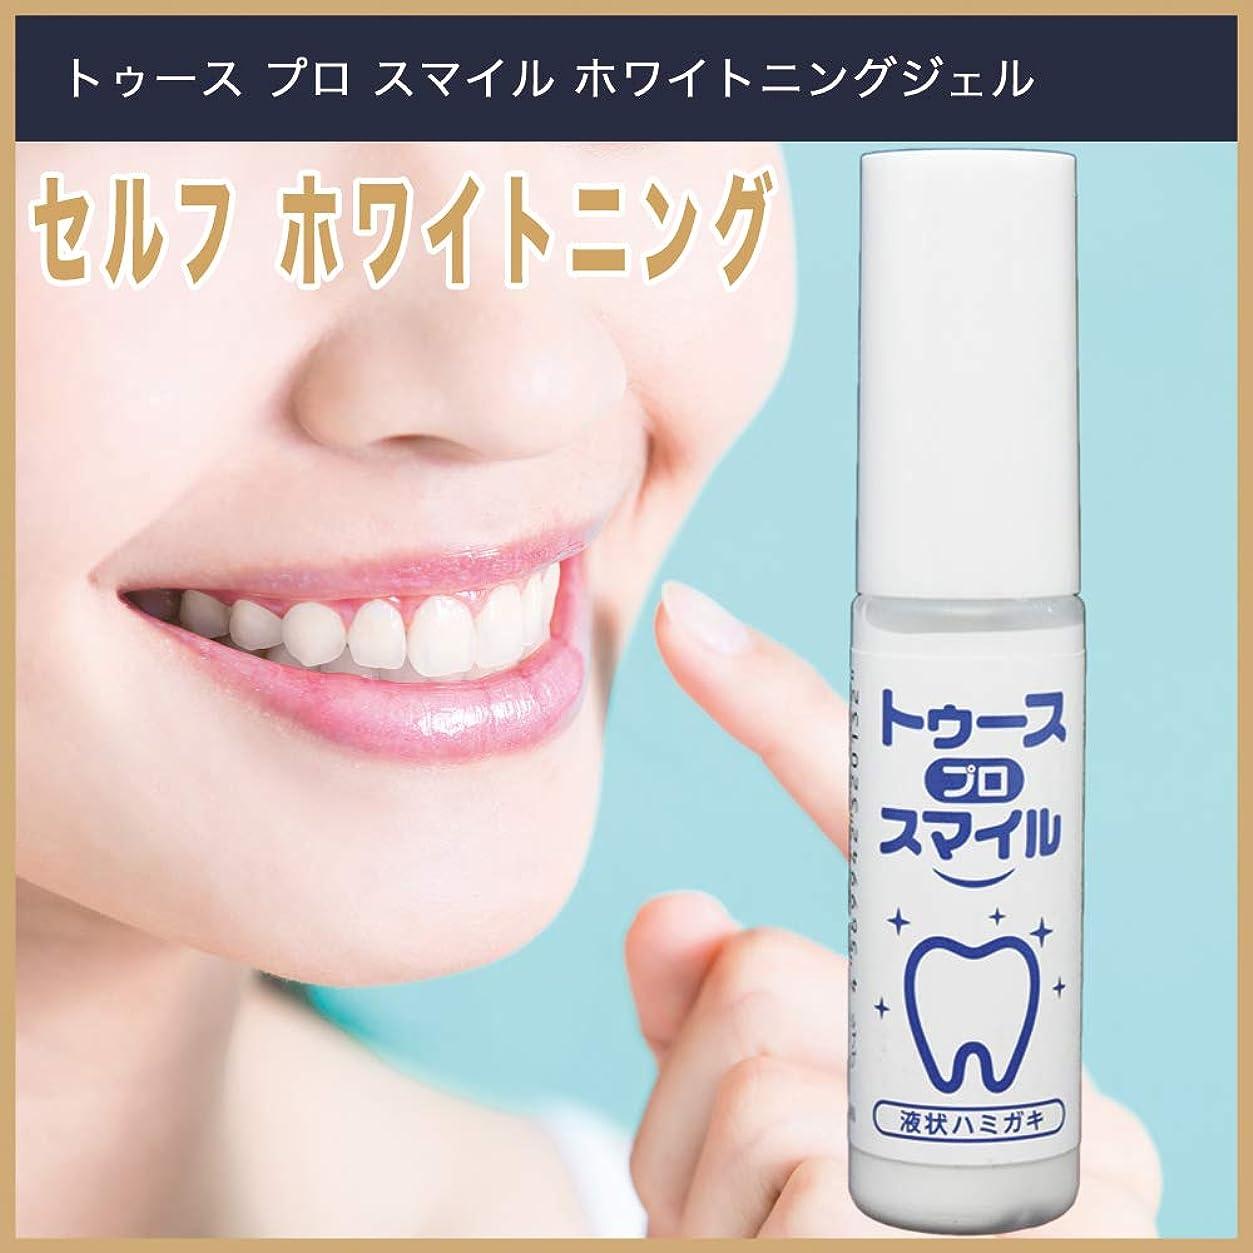 成熟した土雰囲気【日本製】ホワイトニング ジェル「トゥース プロ スマイル」15ml / LEDホワイトニング機器用 口腔化粧品/歯 セルフホワイトニング